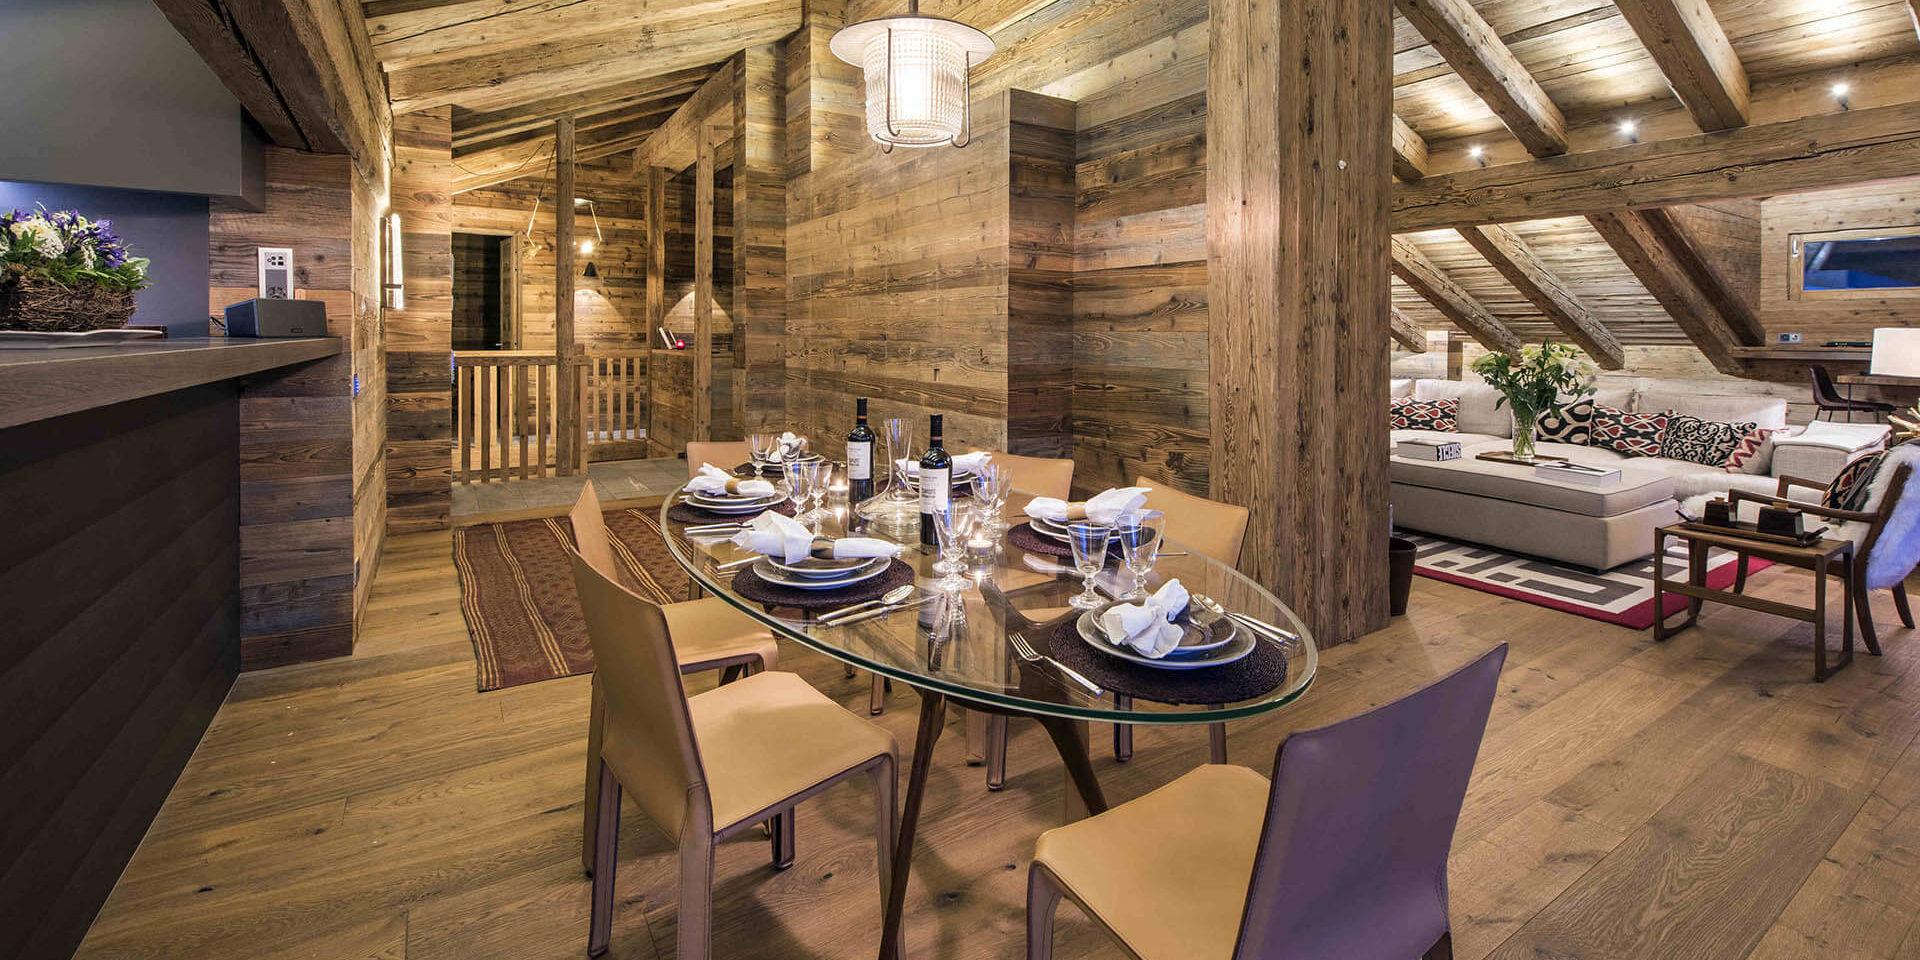 Appartement Place Blanche 2 Verbier Les 4 Vallees Zwitserland wintersport skivakantie luxe eetkamer gedekte tafel hanglamp wijn glazen plant hout